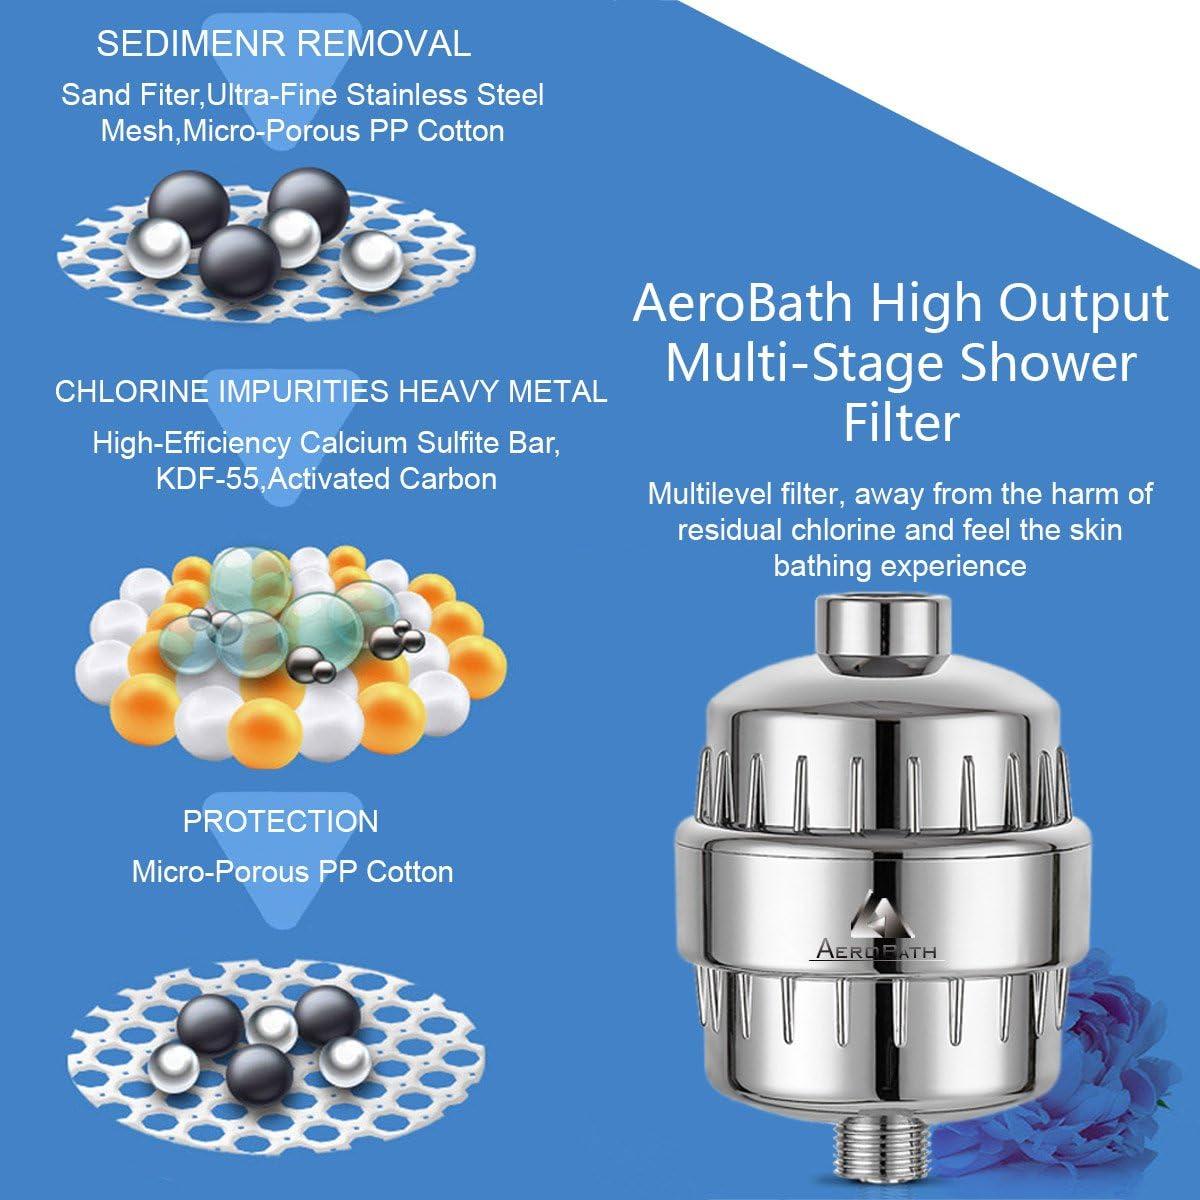 alta uscita universale Cartuccia Doccia Aerobath 2018 Multi-Stage Doccia Cartucce del Filtro Filtra il cloro i metalli pesanti